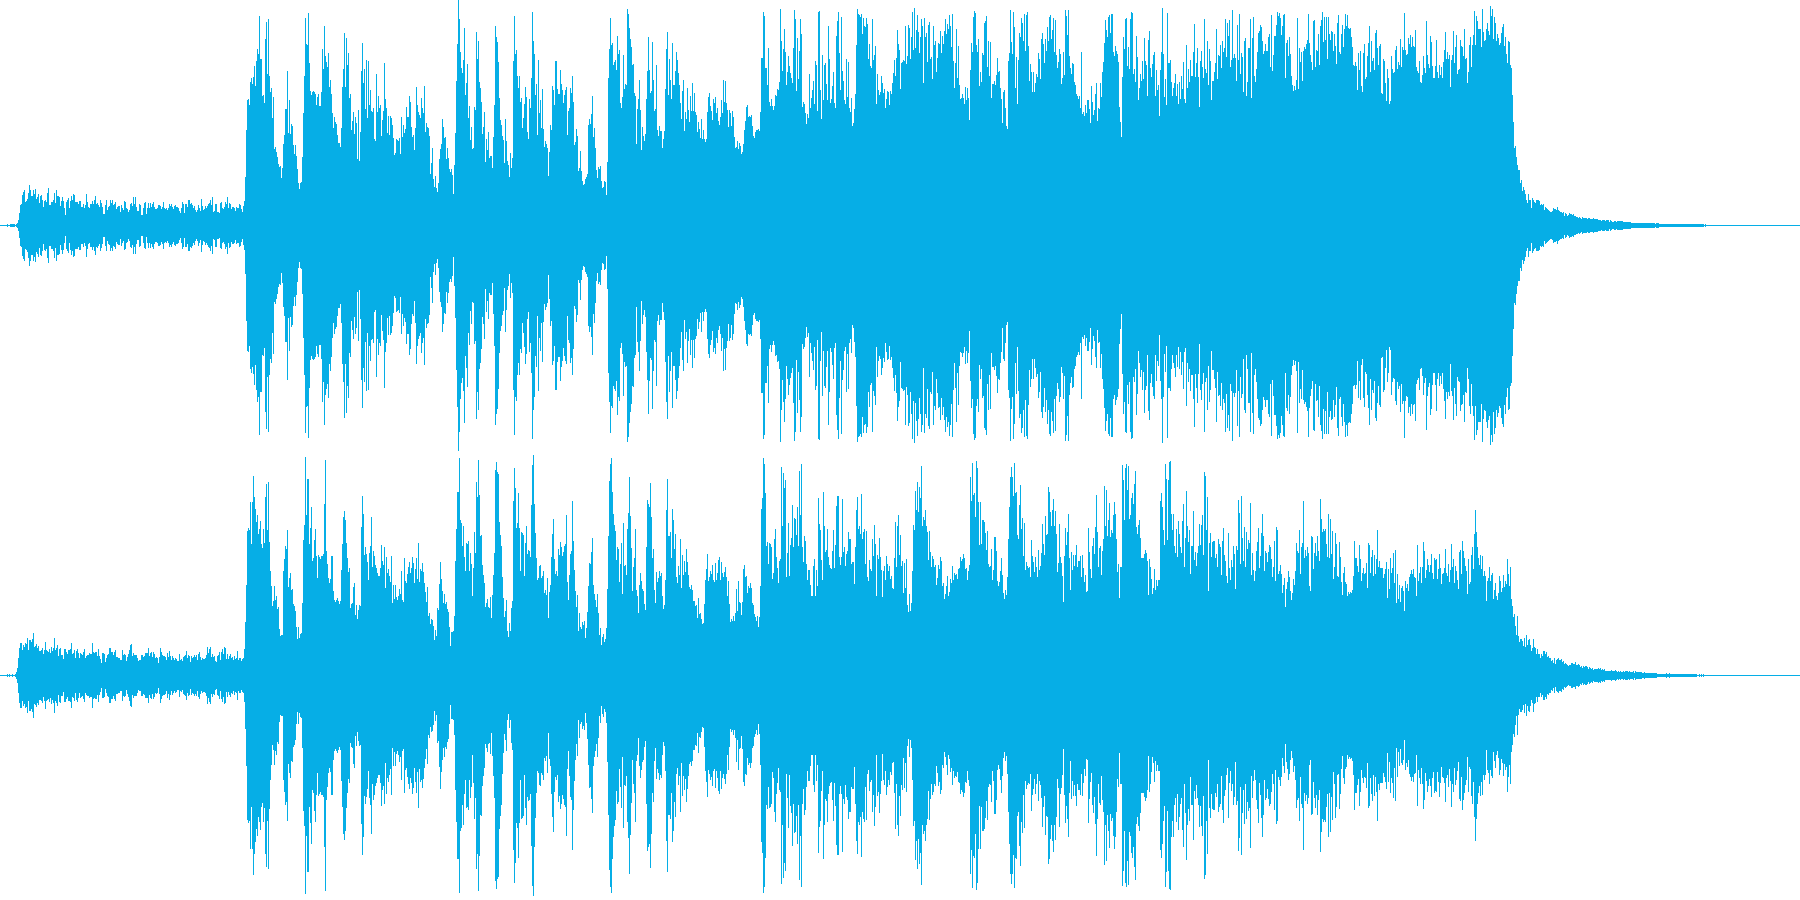 冒険への旅立ちのミュージックの再生済みの波形